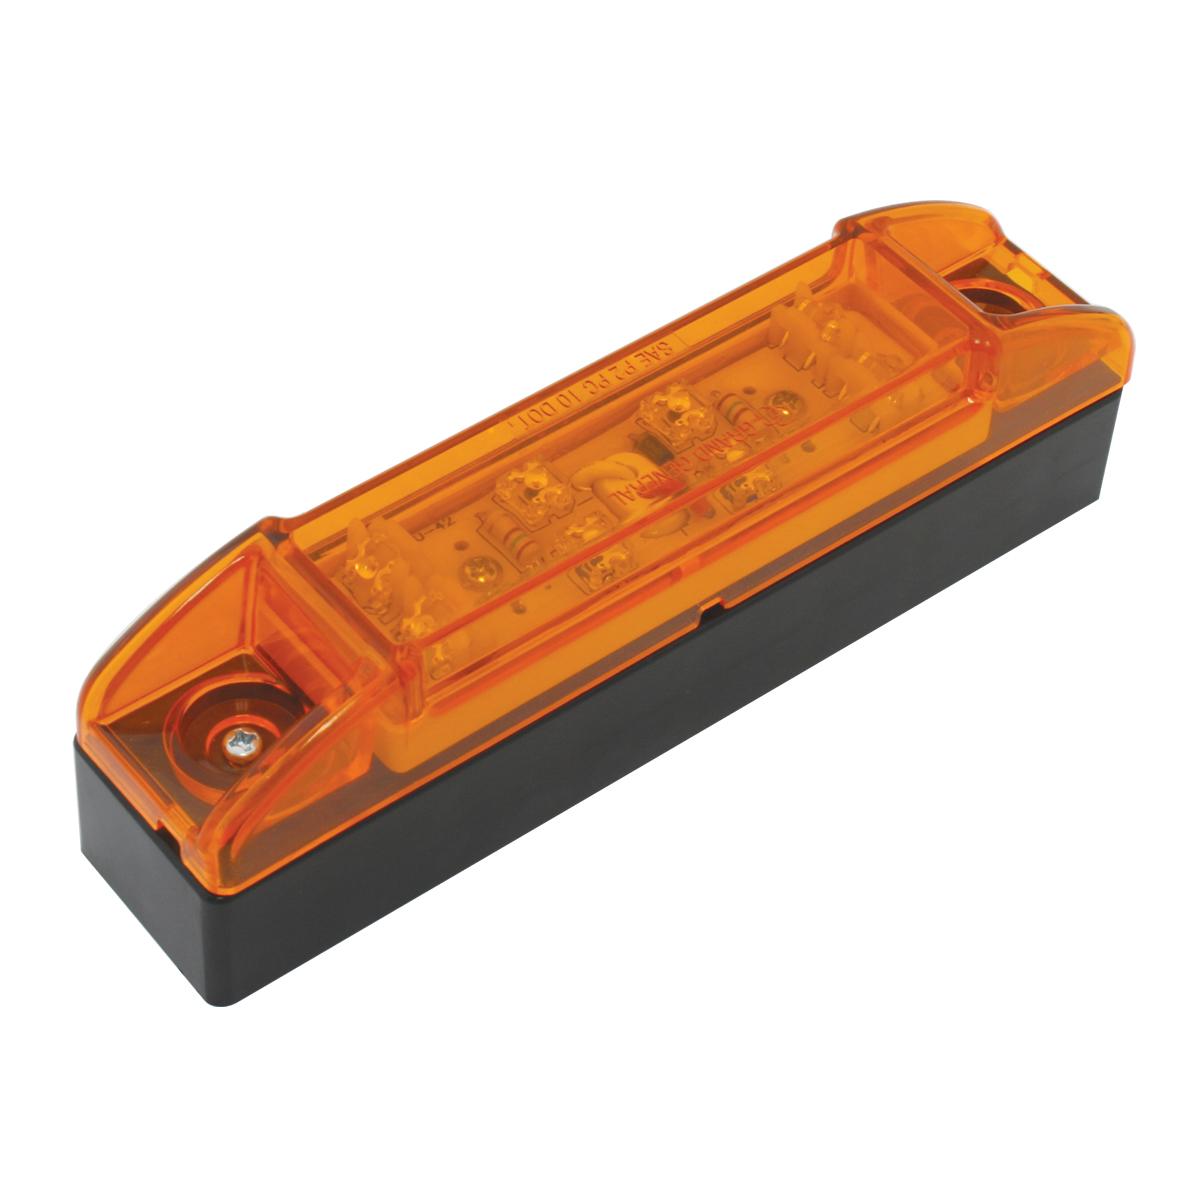 76200 Rectangular Wide Angle LED Light w/ Riser